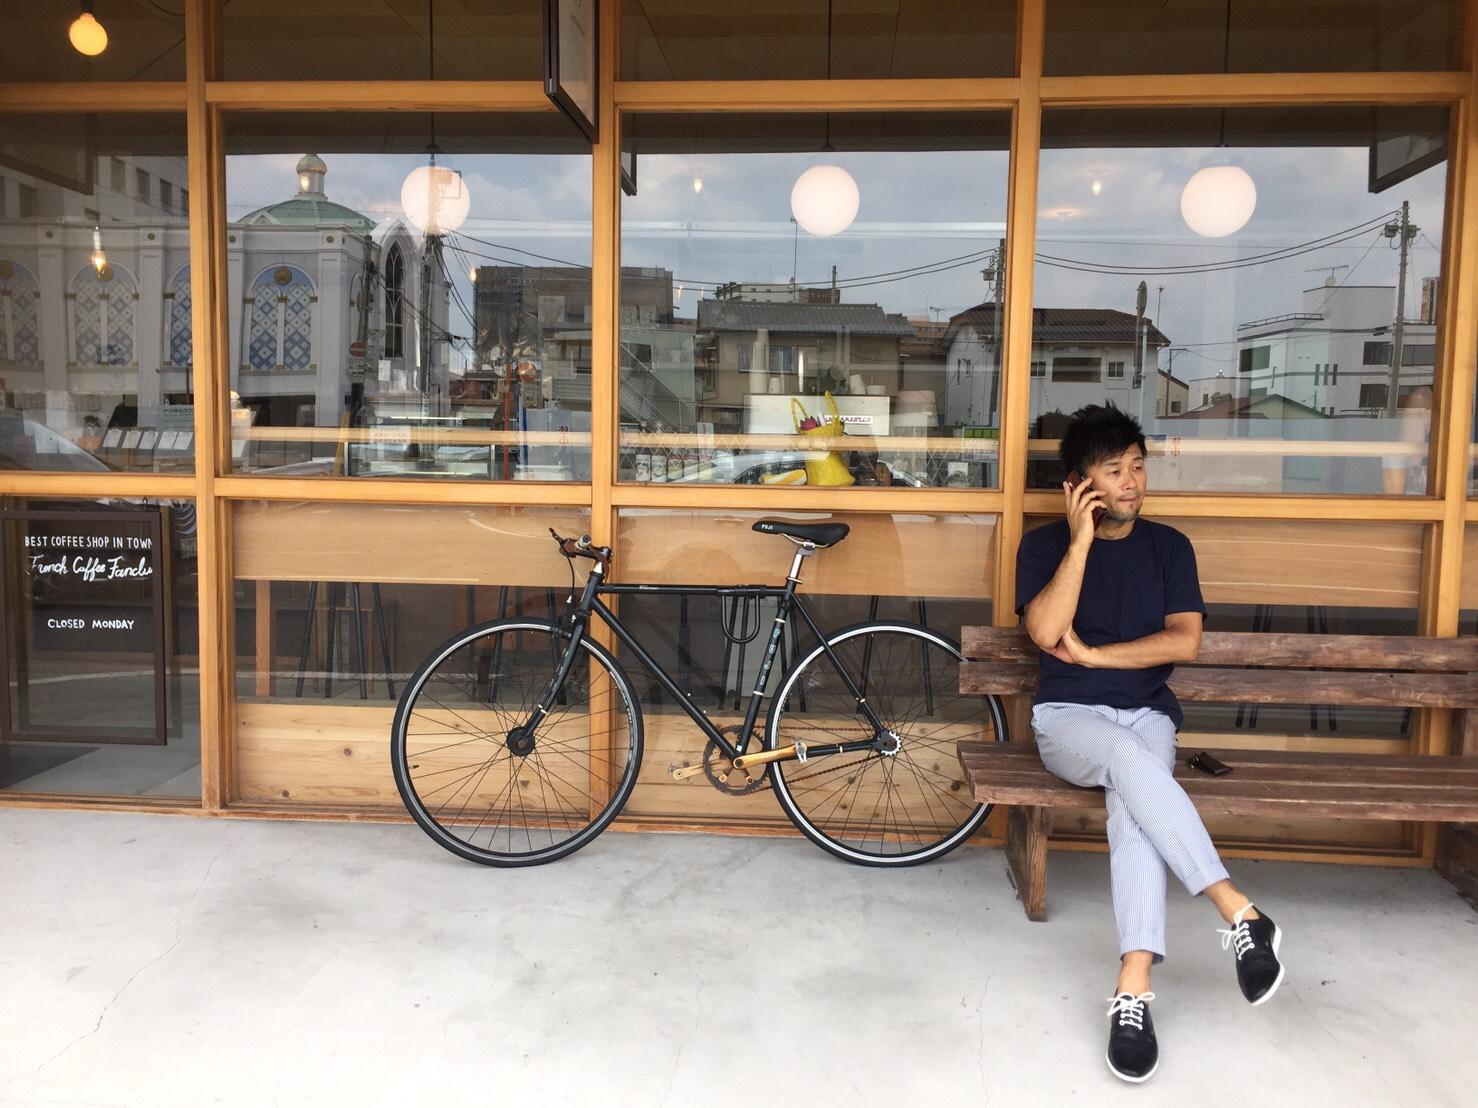 ラジオ番組にBanana works LABO 山口弘人出演https://drive.google.com/file/d/0B3hYghjWxRwvX1FDa0hQbk9ZdGc/view